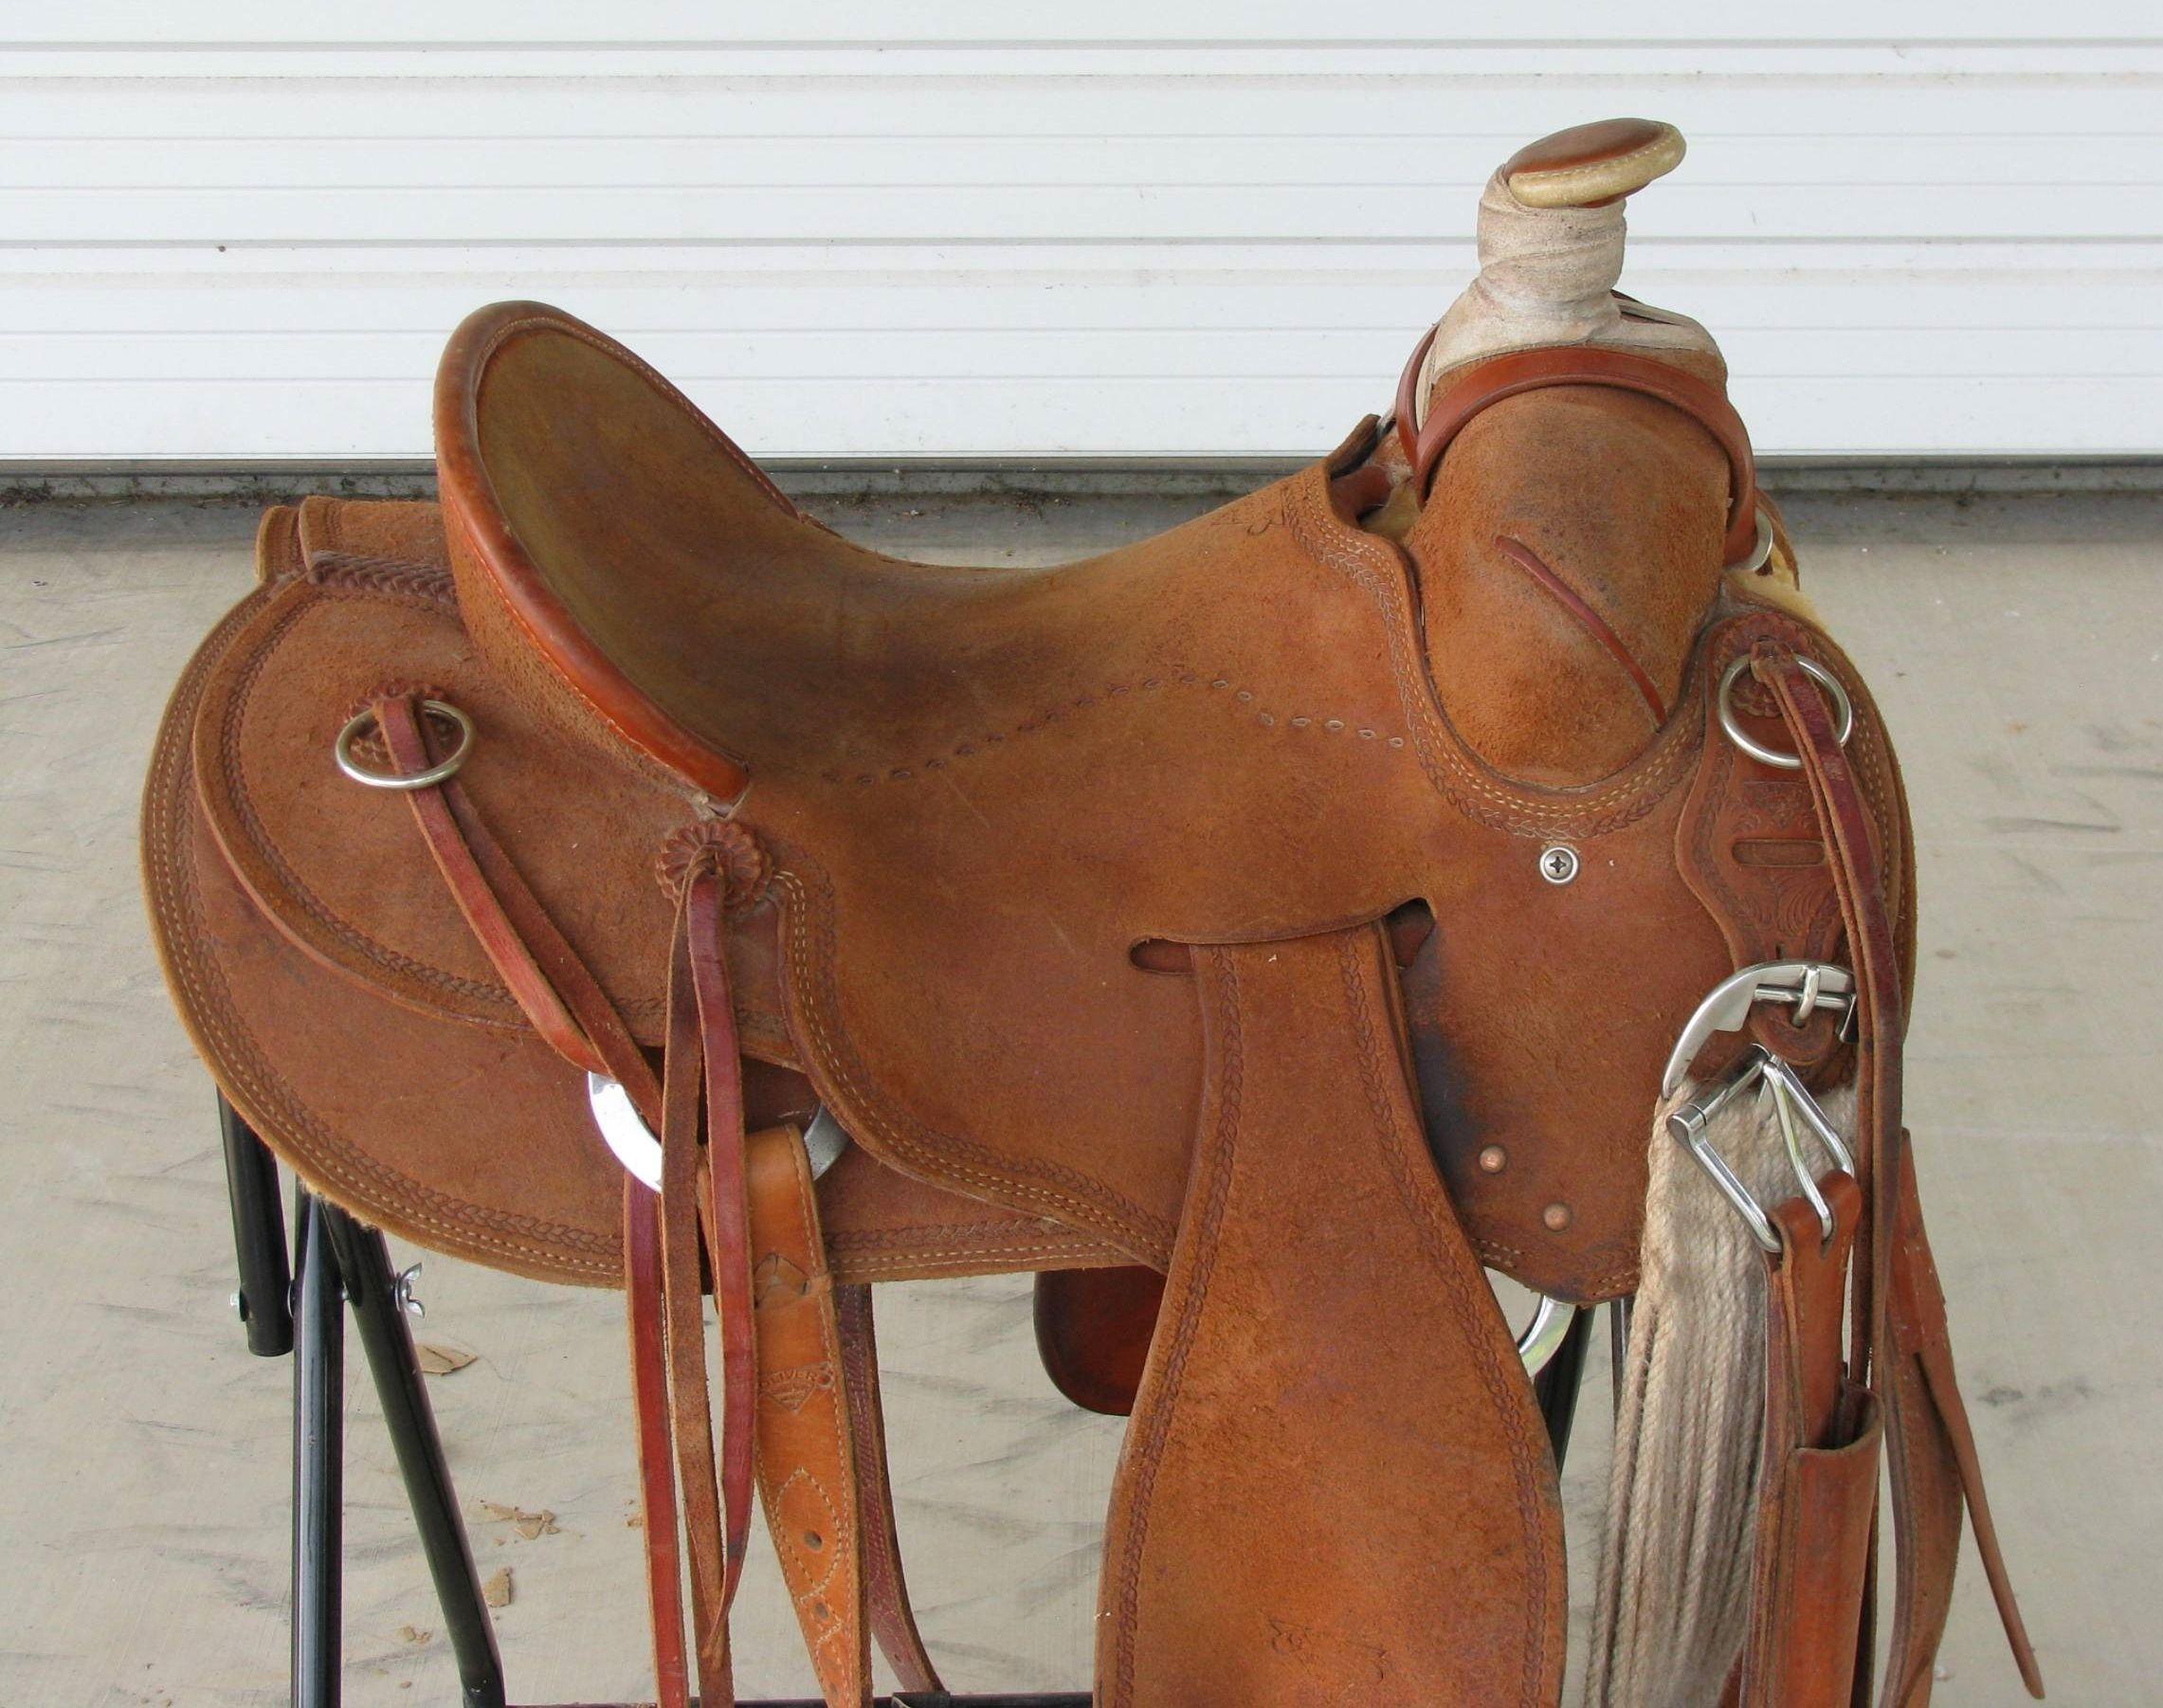 Oliver Seat Rig Saddle for Sale - For more information ...